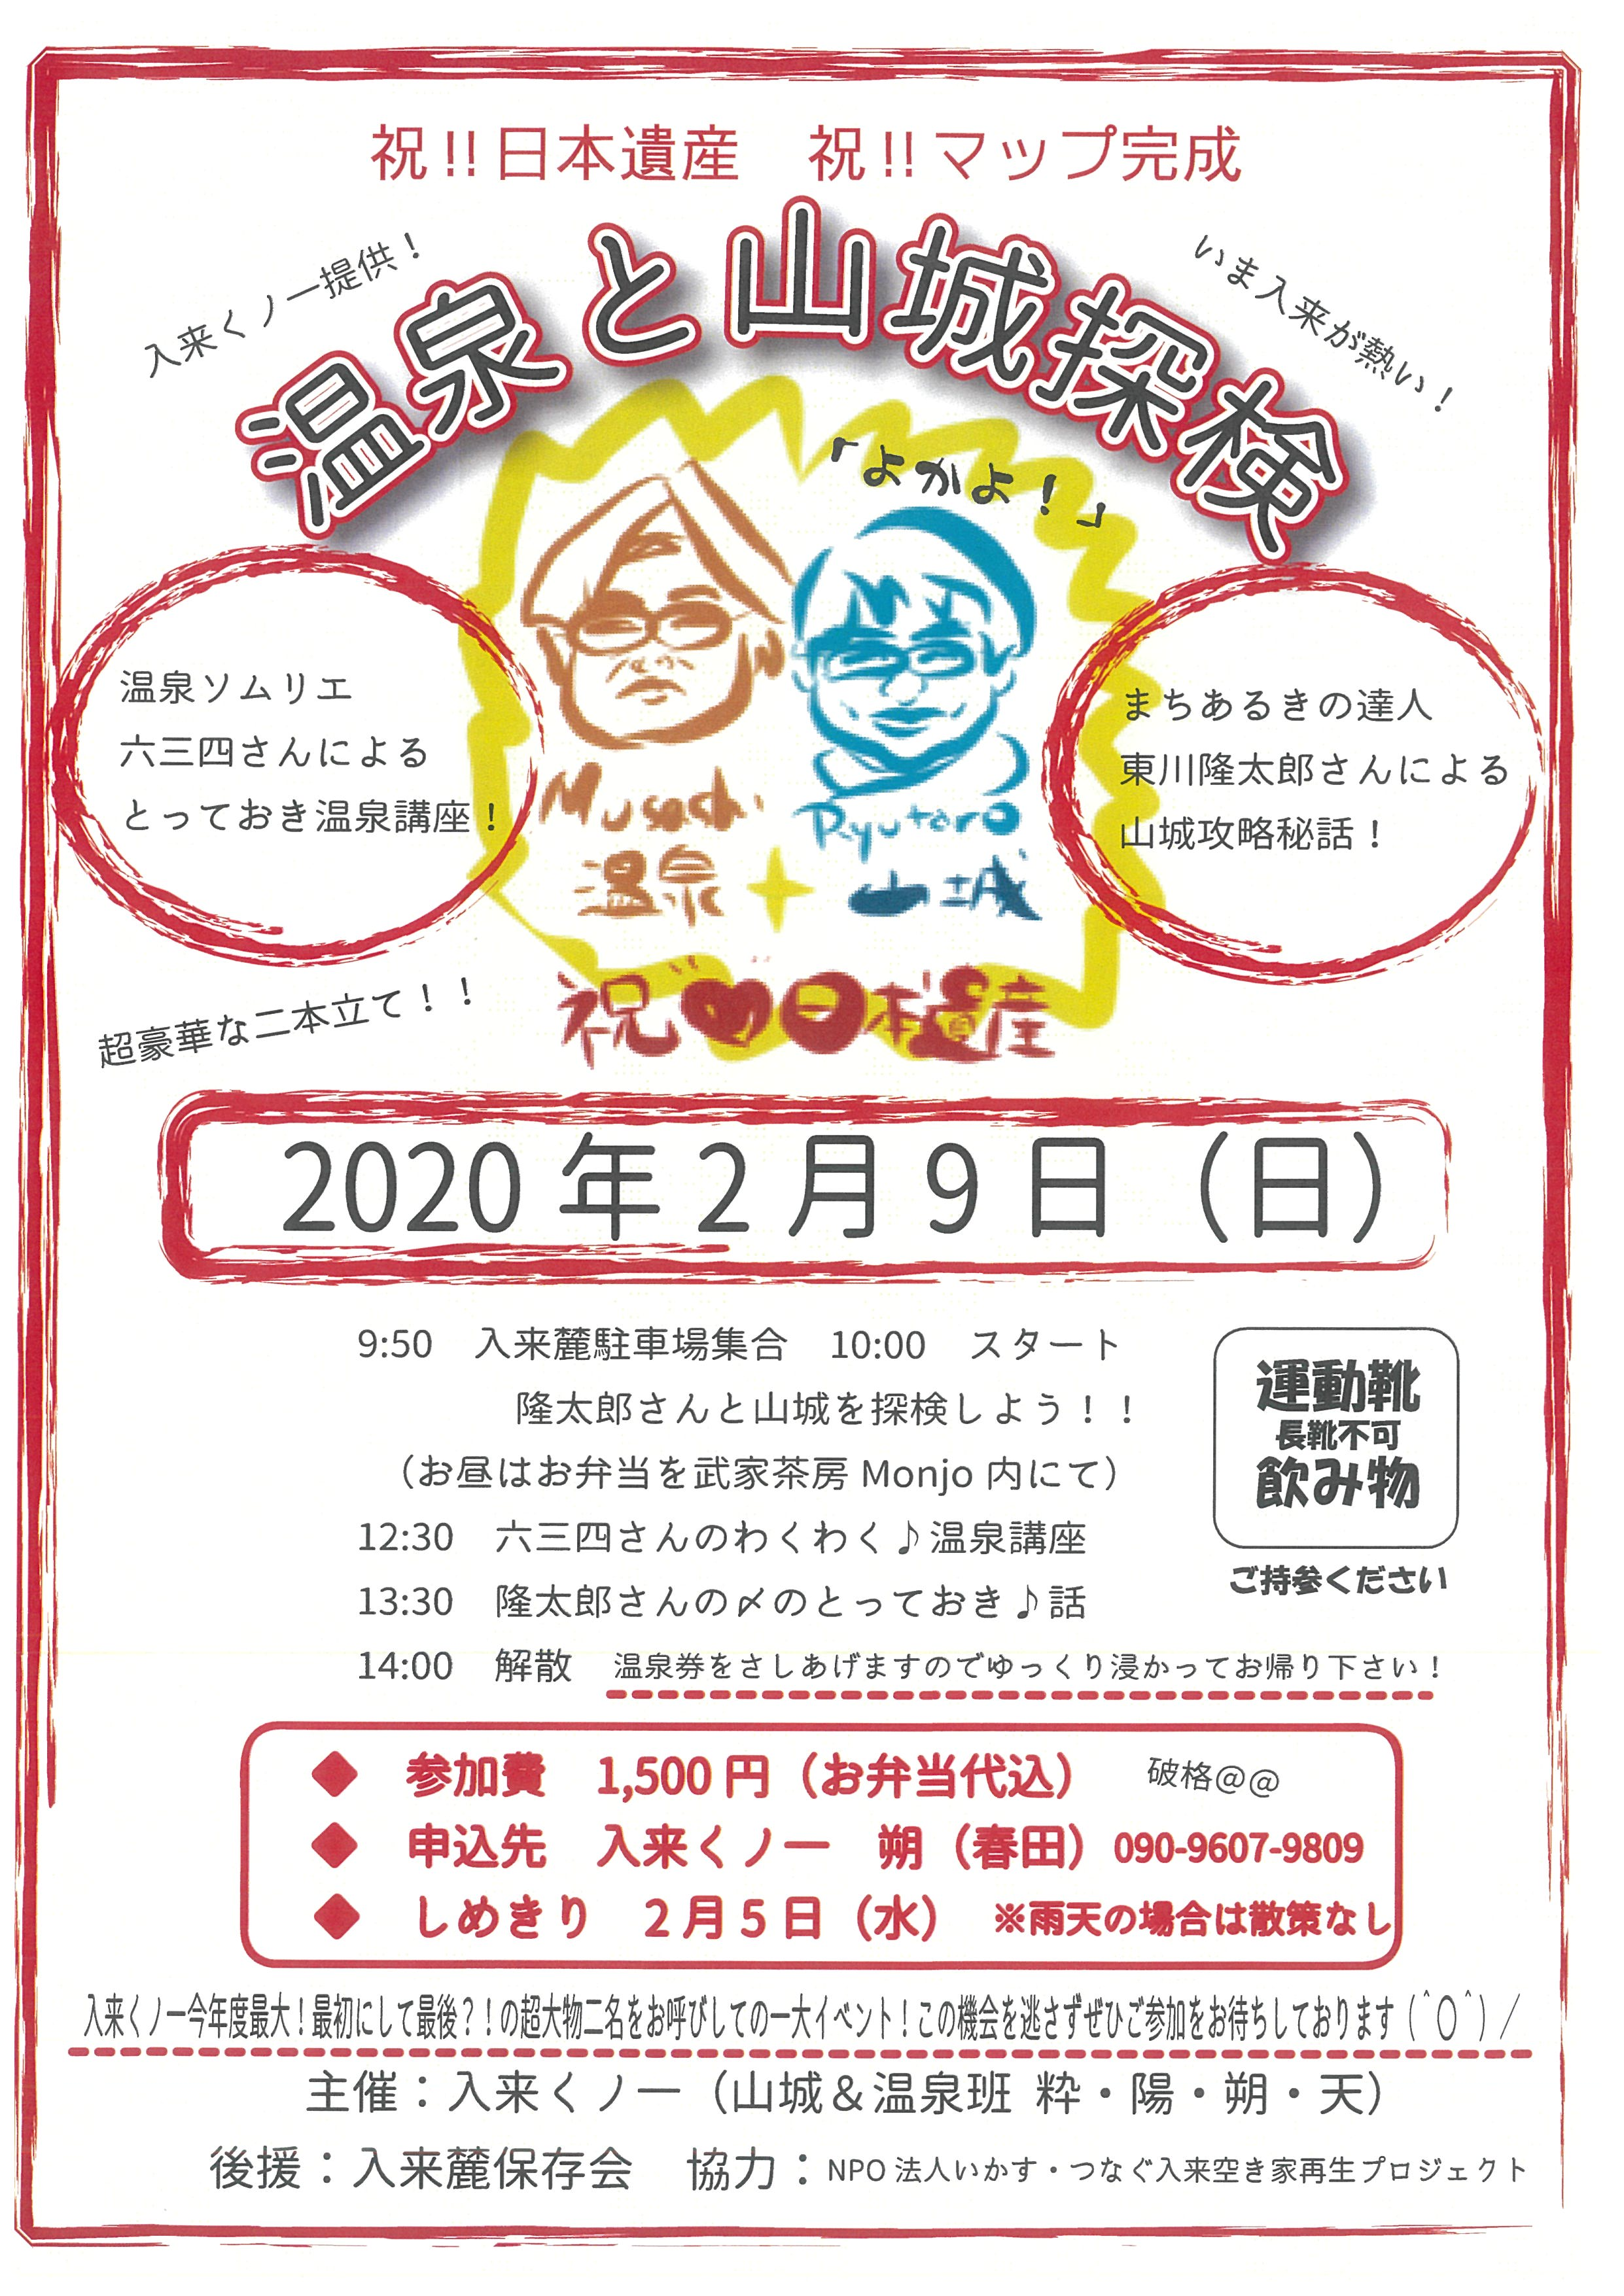 祝!!日本遺産 祝!!マップ完成「温泉と山城探検」